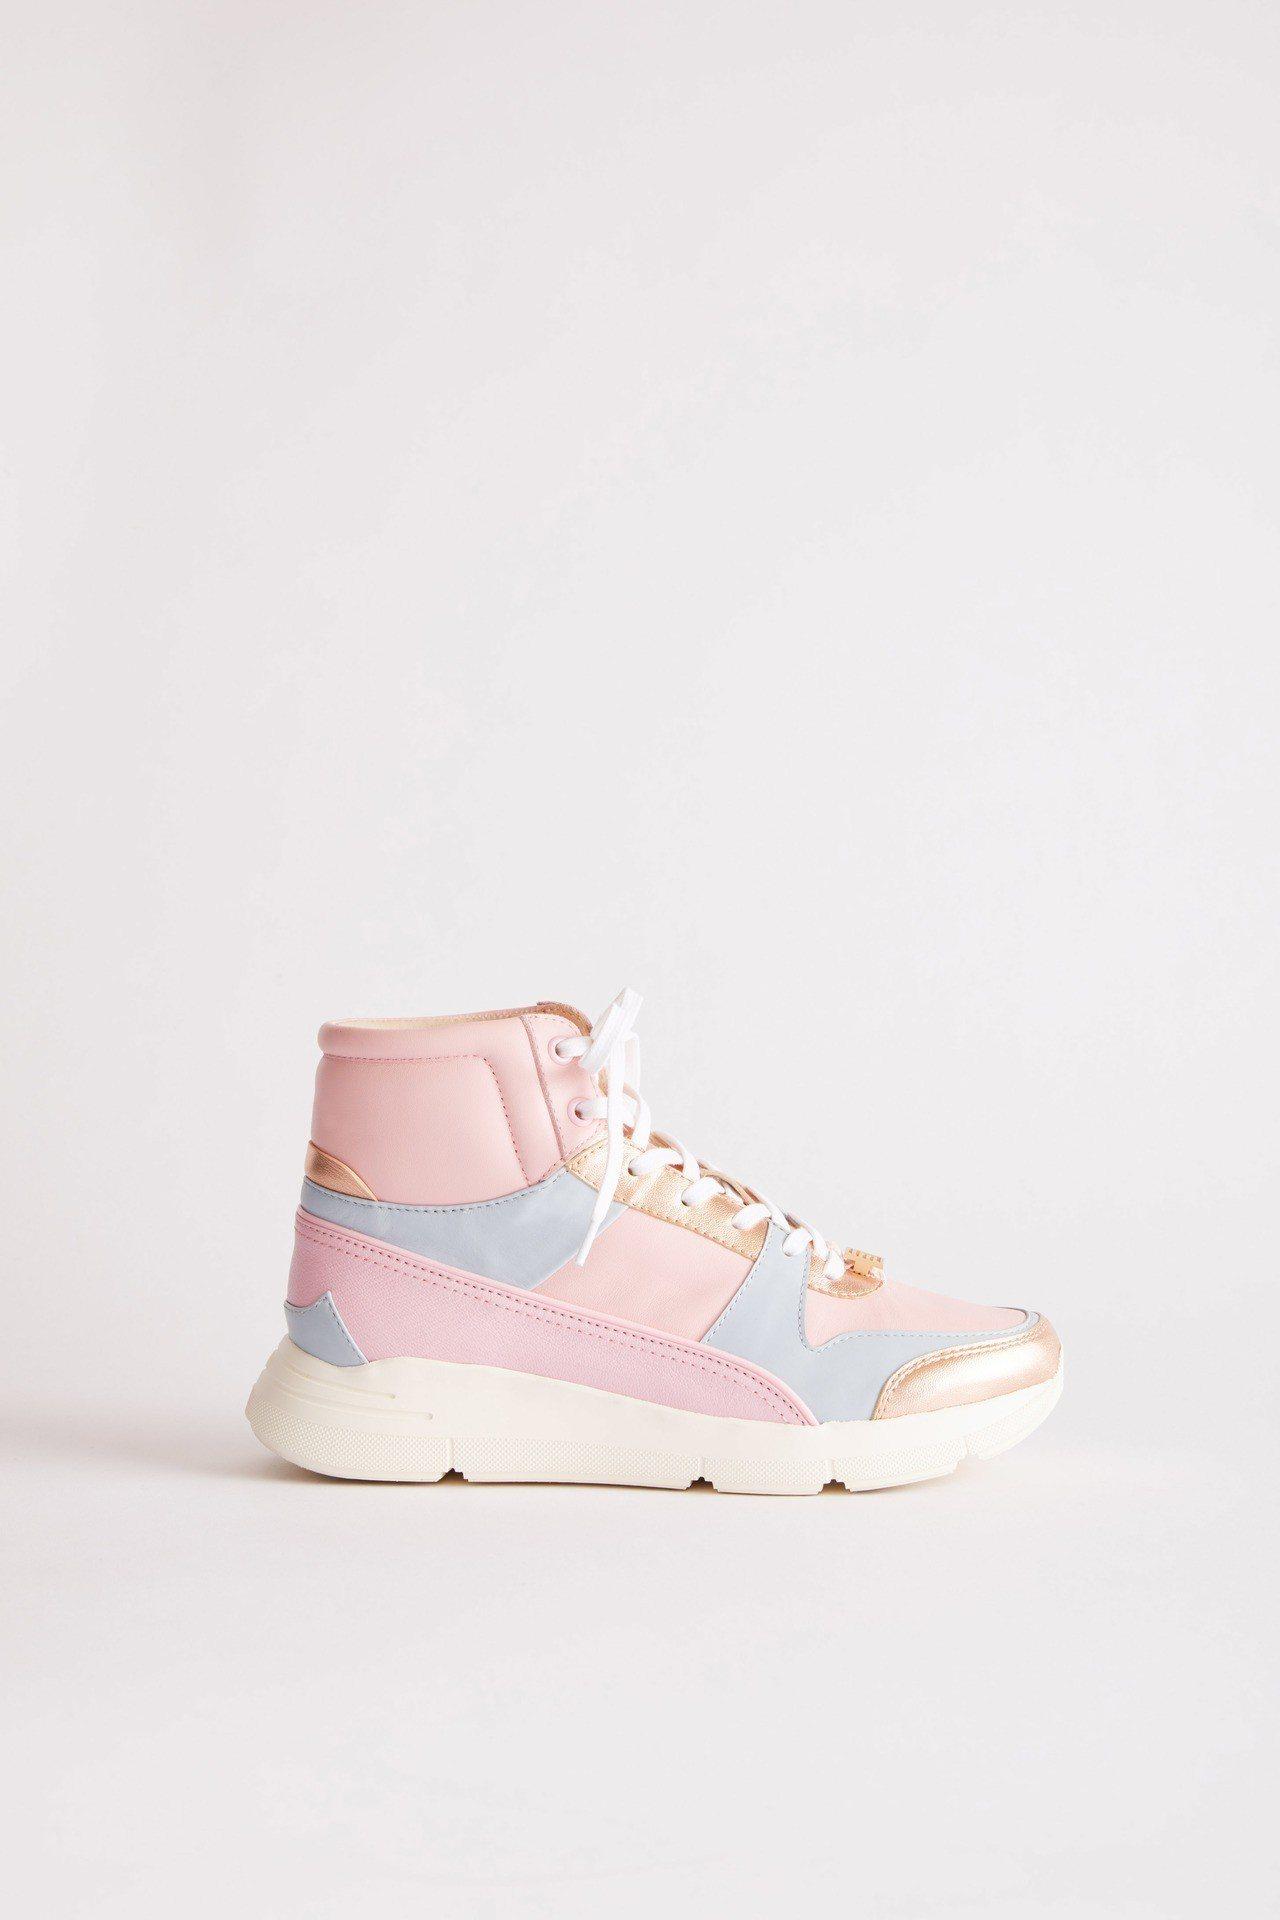 高筒拼接運動鞋,售價17,800元。圖/夏姿提供